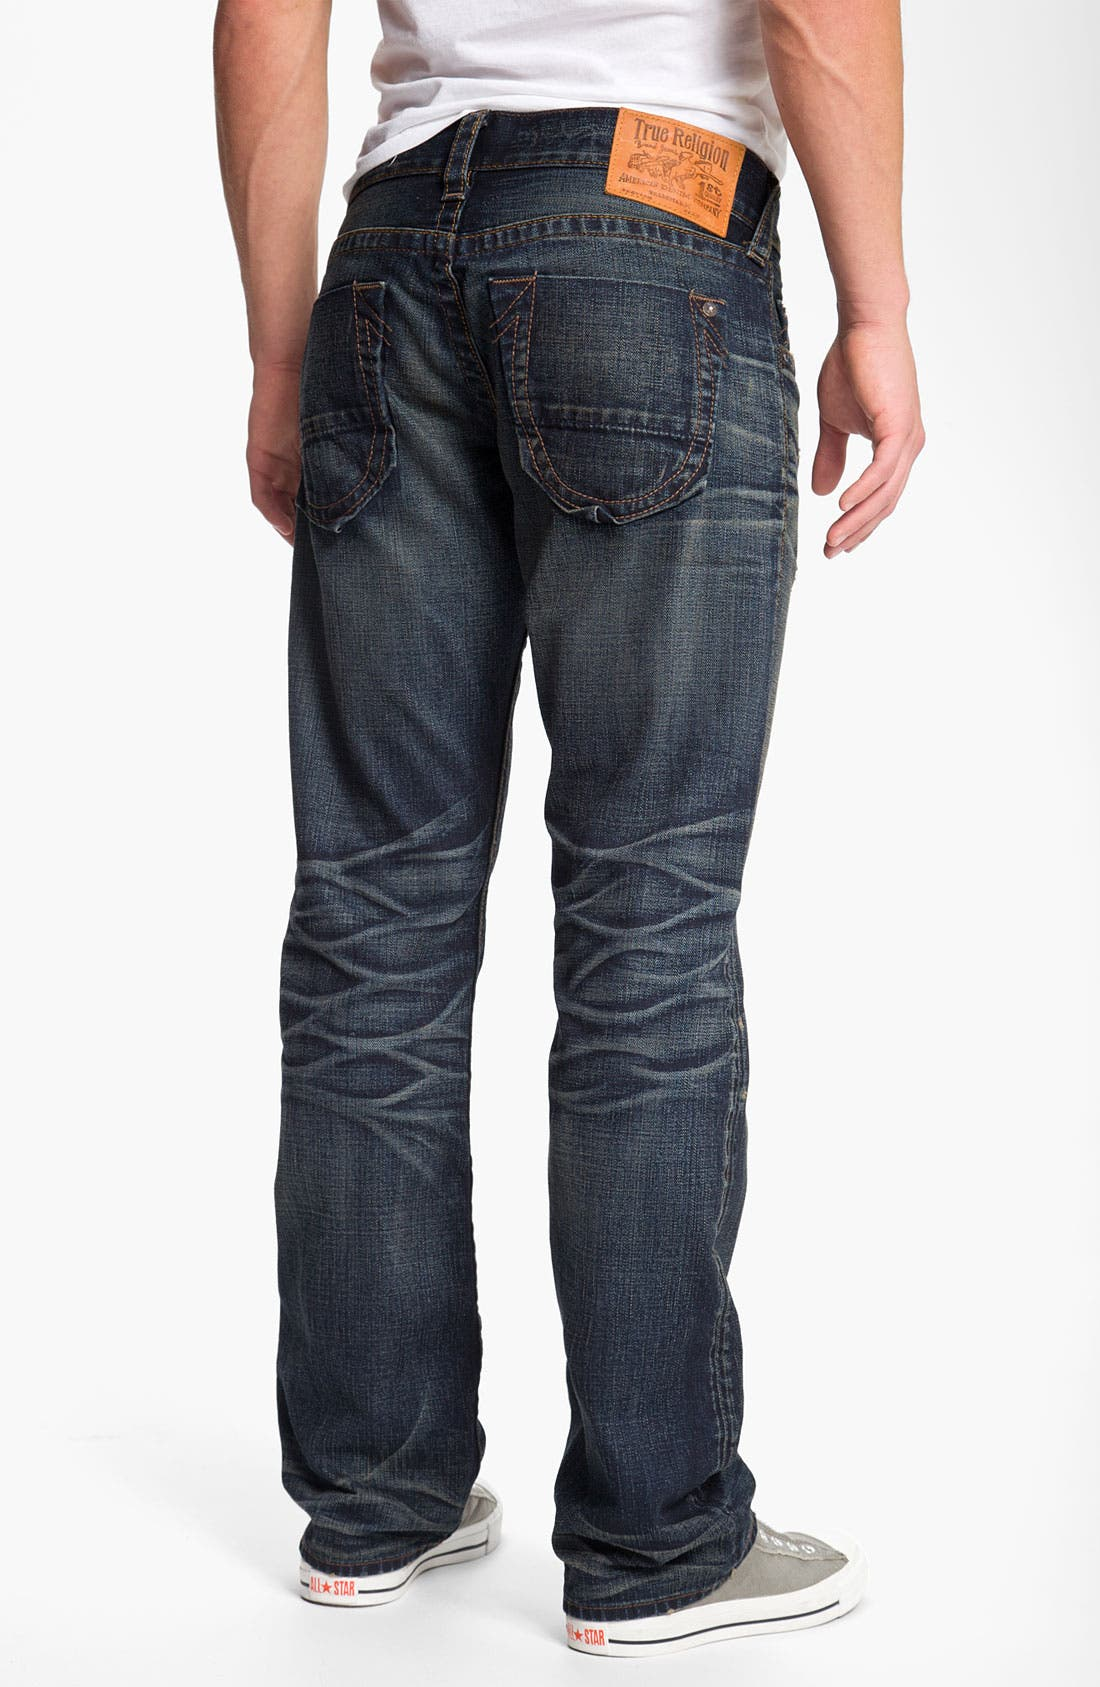 Alternate Image 1 Selected - True Religion Brand Jeans 'Bobby' Straight Leg Jeans (Snyper)